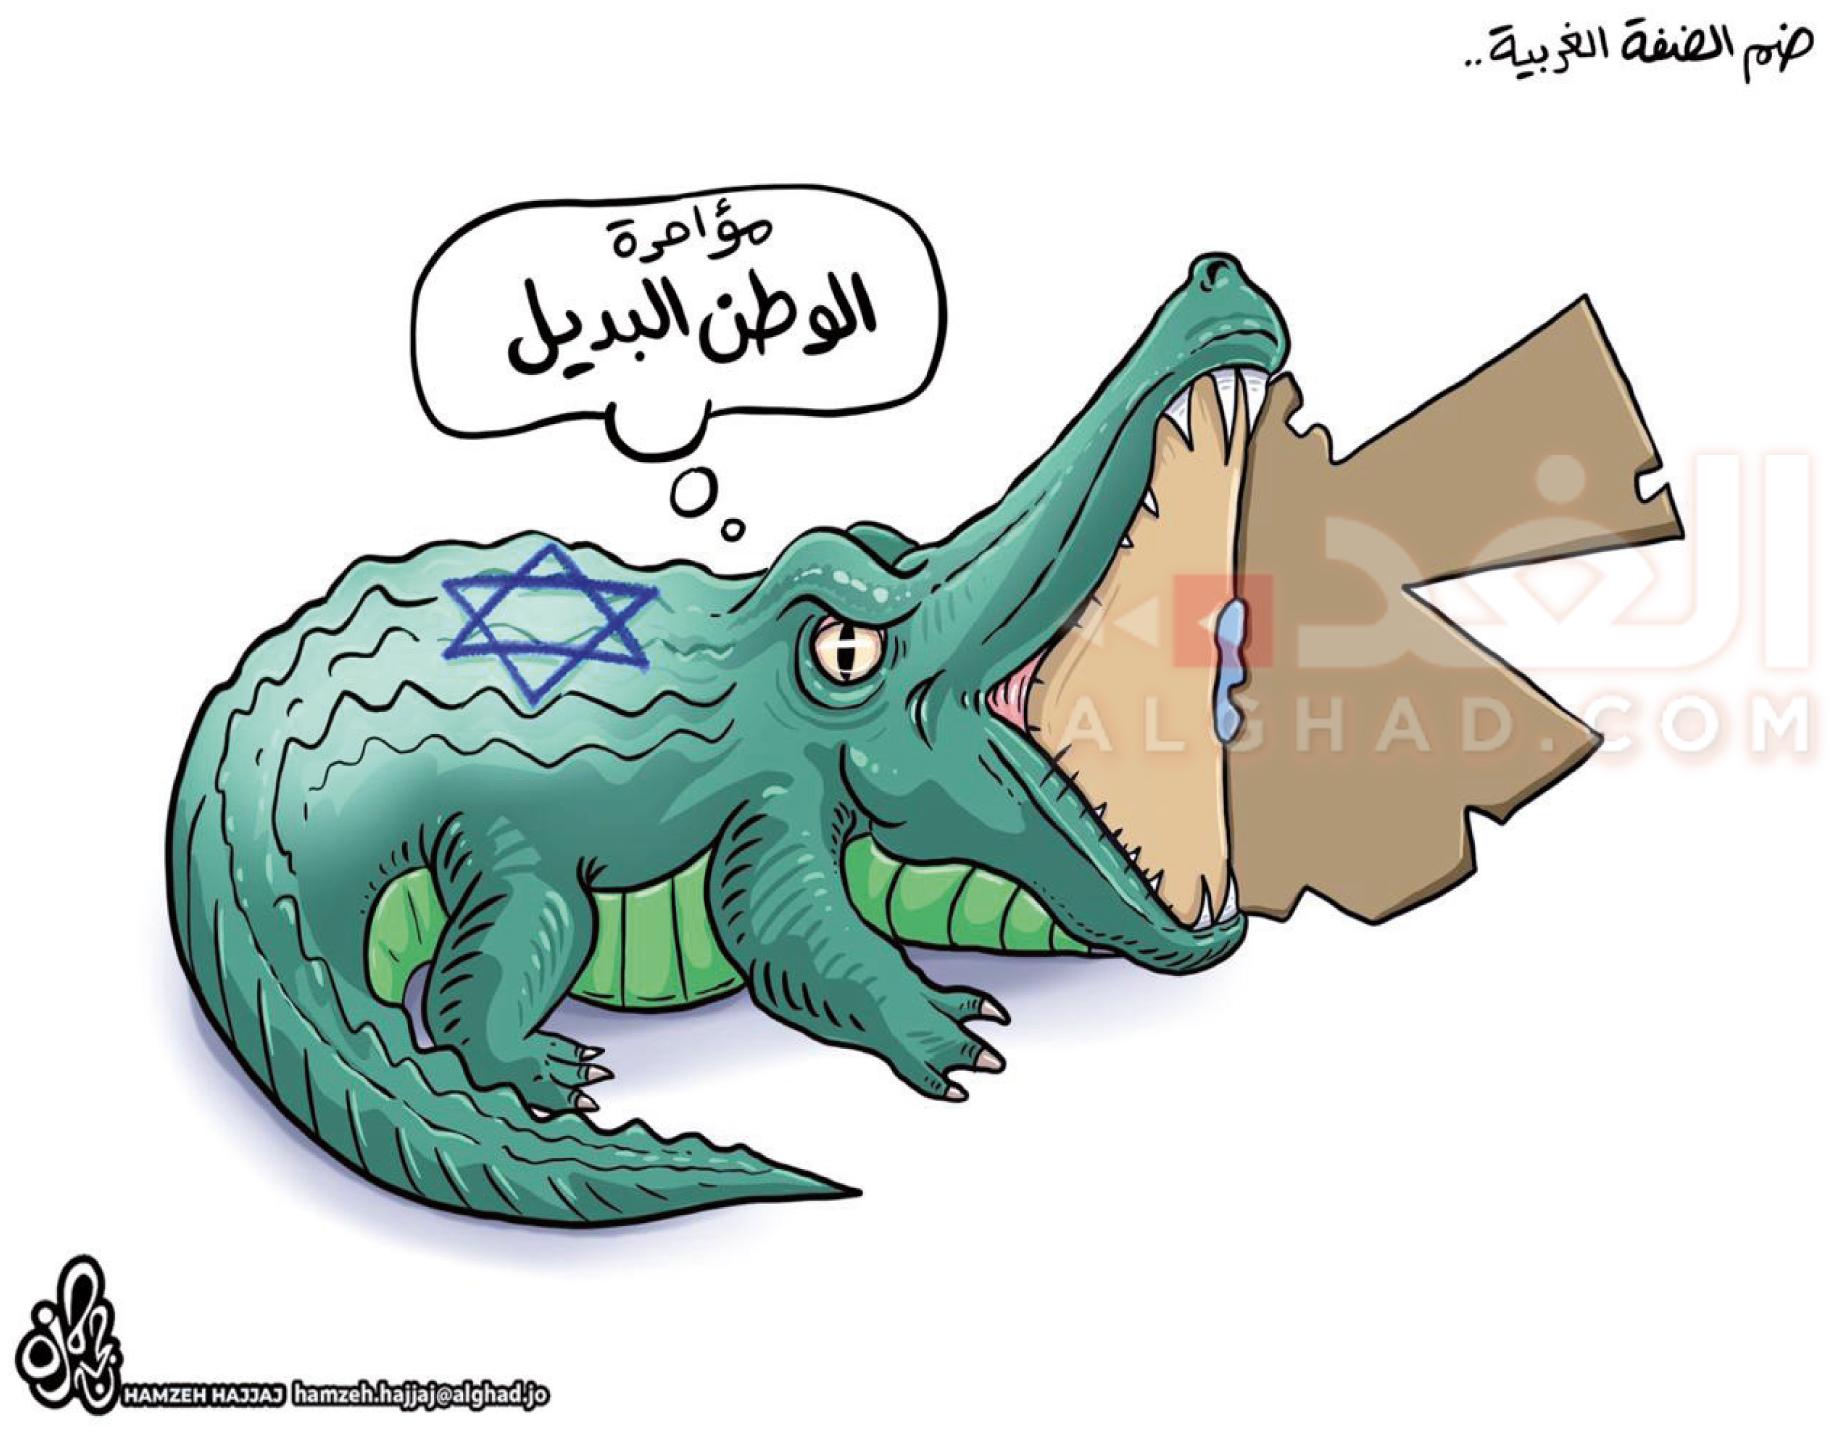 صحيفة الغد الأردنية